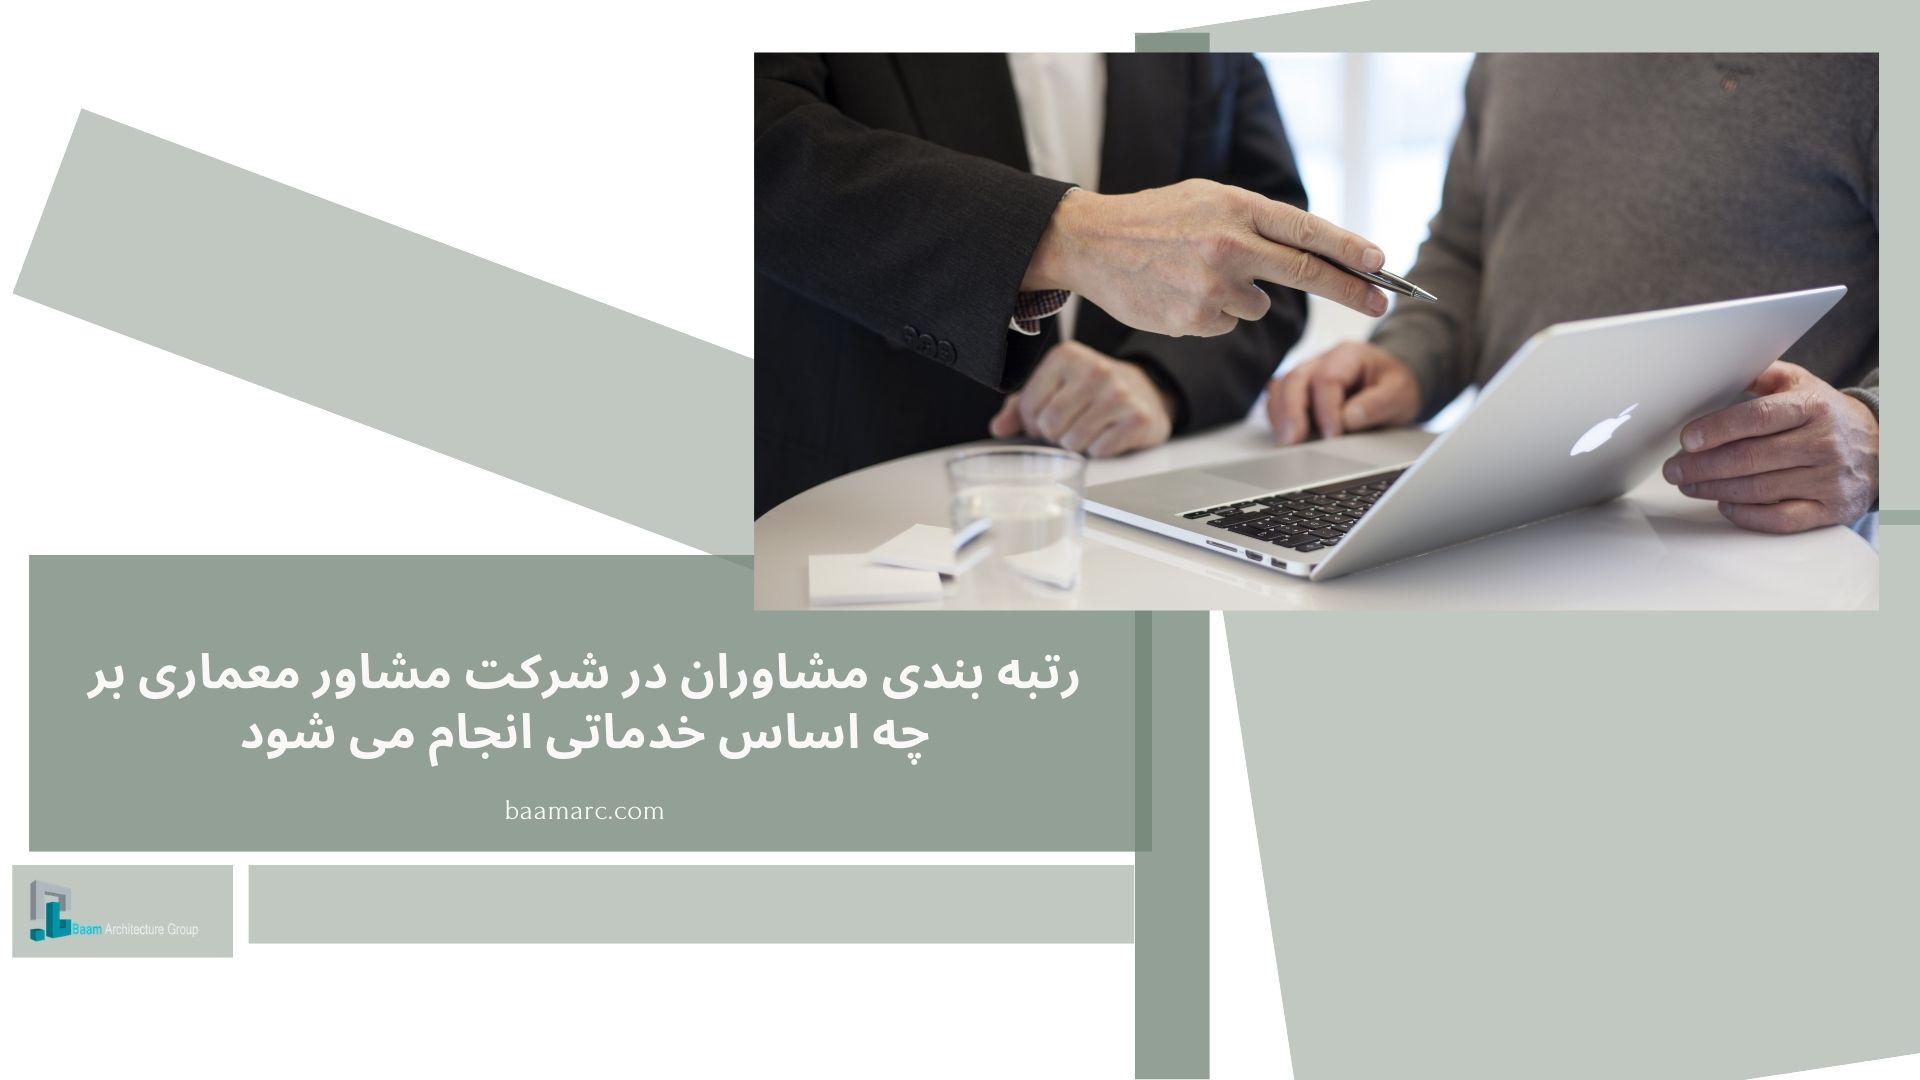 رتبه بندی مشاوران در شرکت مشاور معماری بر چه اساس خدماتی انجام می شود